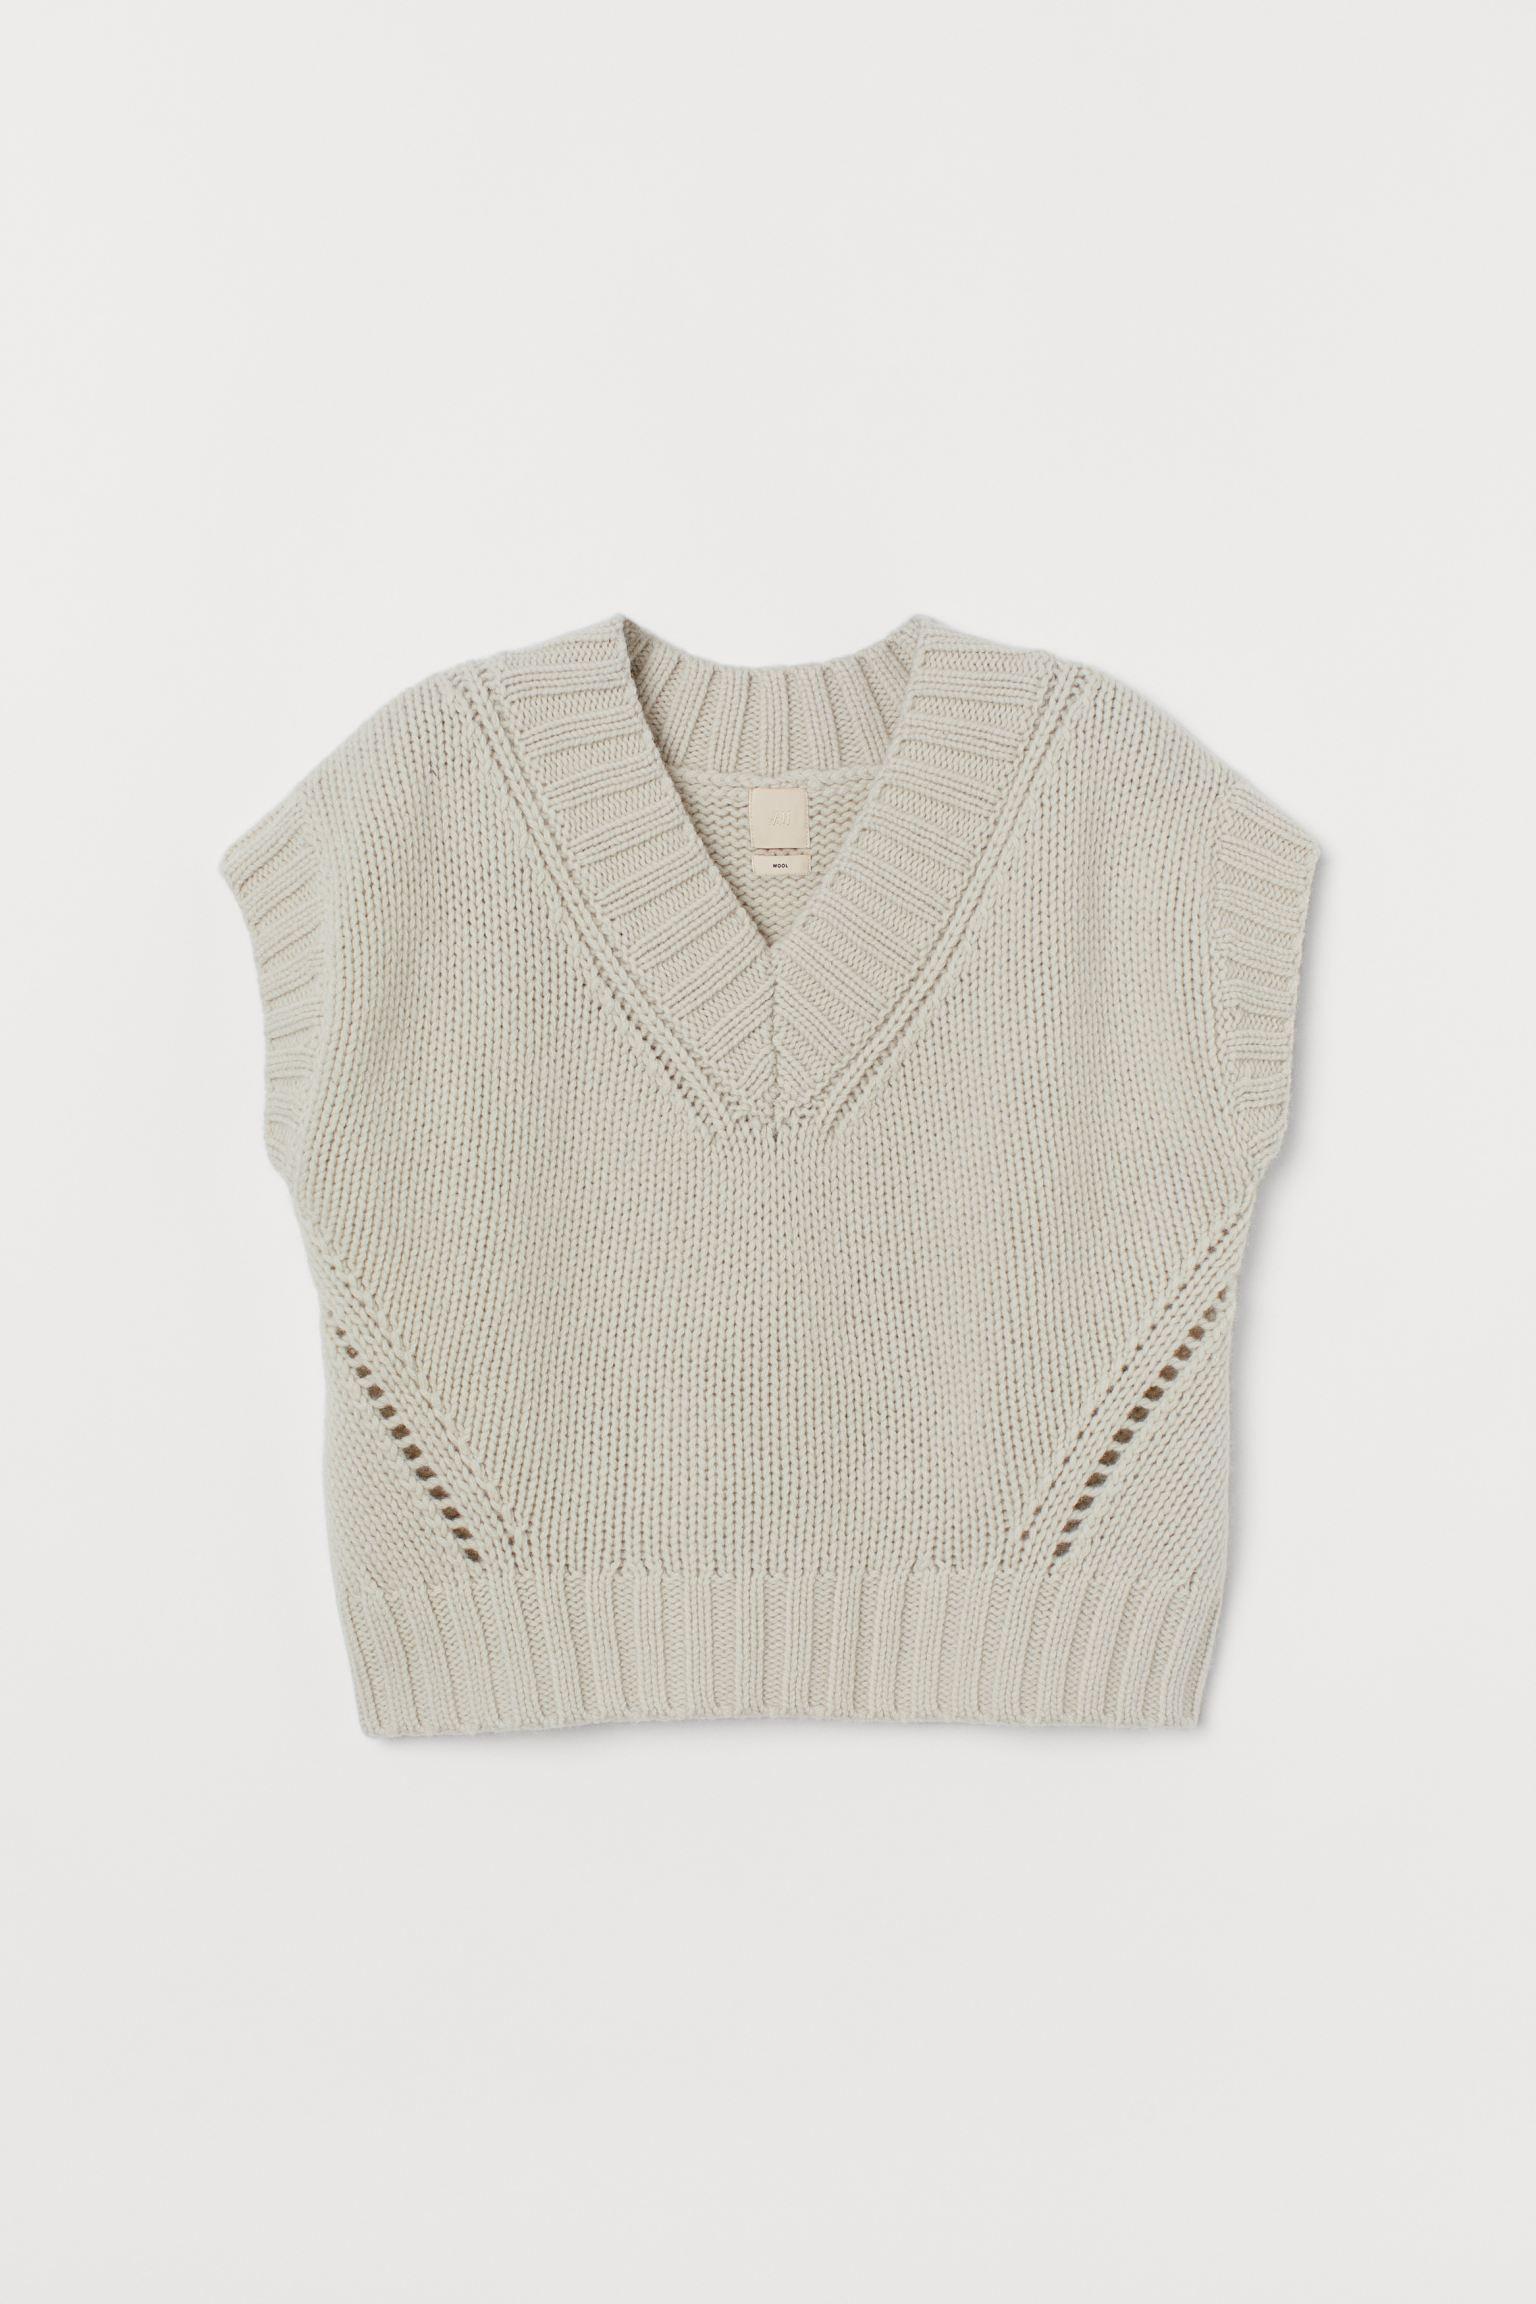 Chaleco en punto grueso de lana suave. Modelo con escote de pico, detalles en punto calado y ribete de canalé en cuello, sisas y bajo.